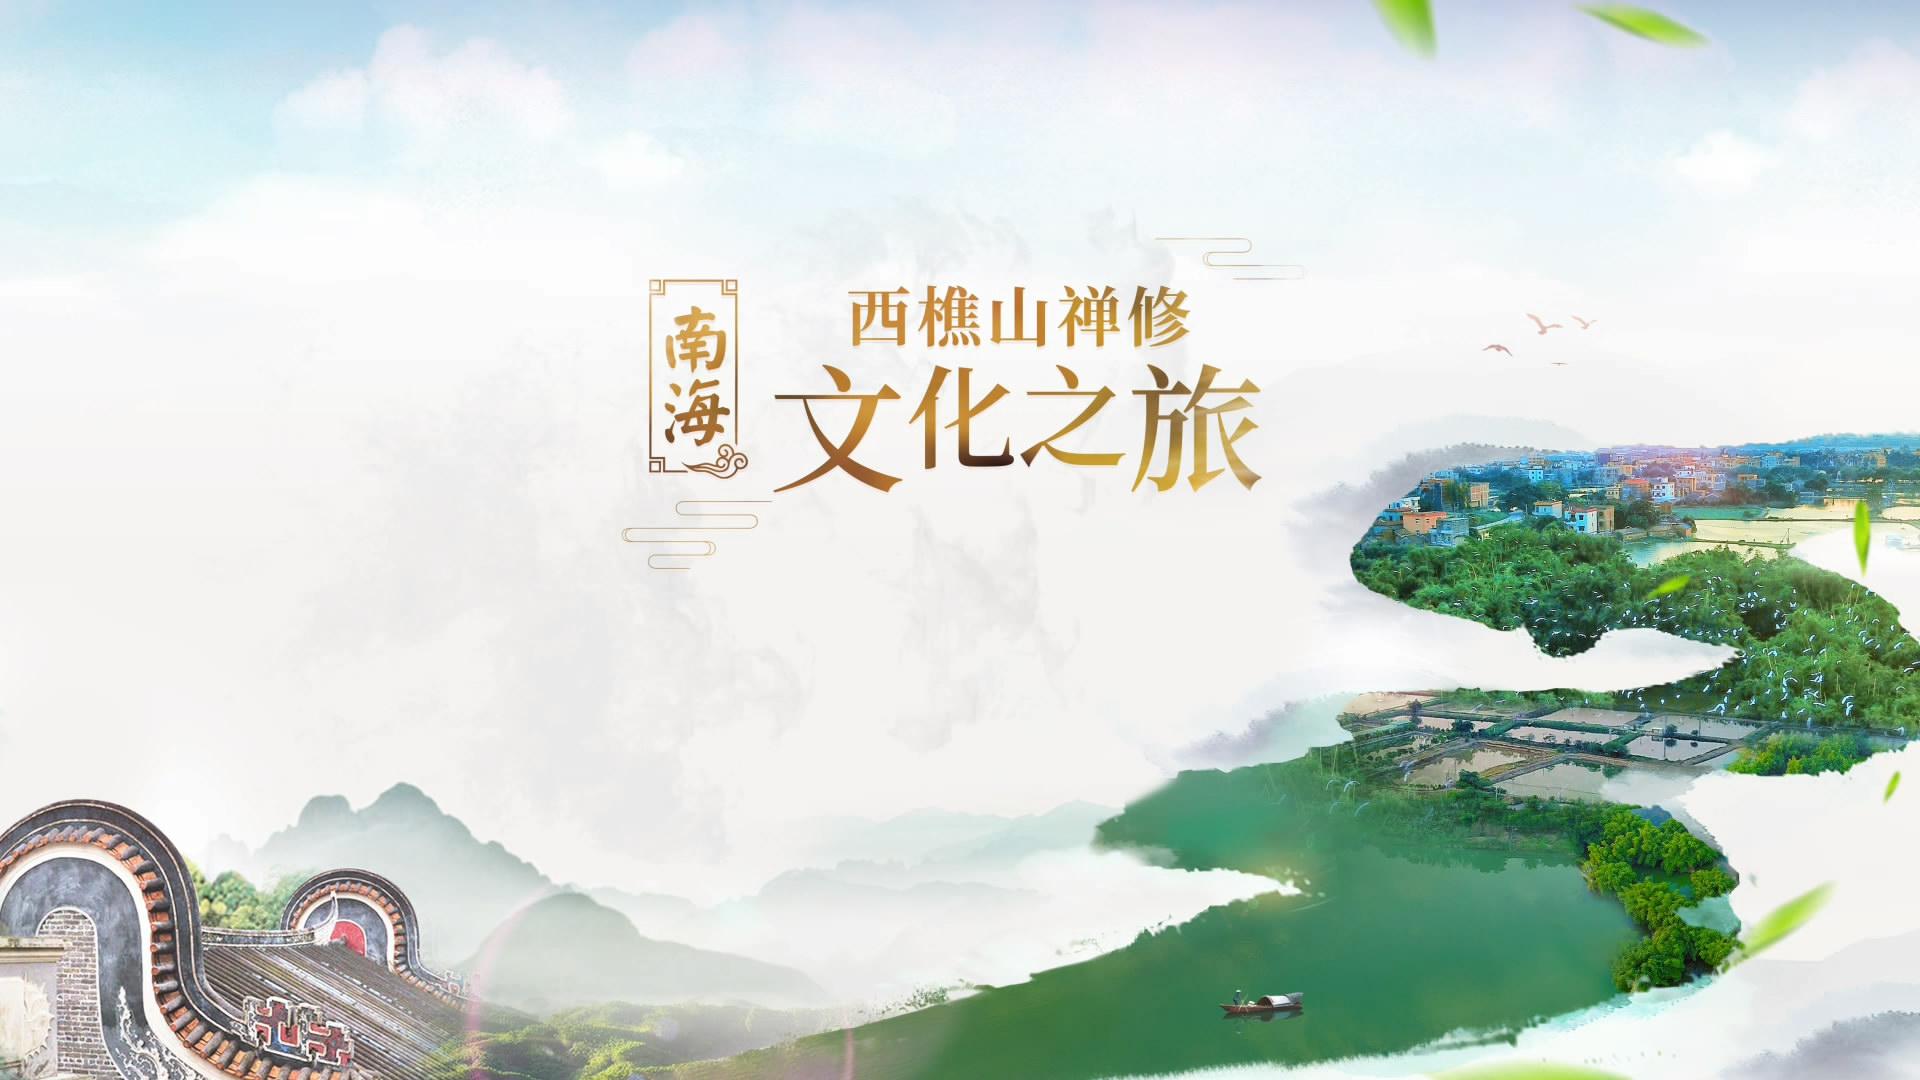 西樵禅修文化之旅[00_00_03][20190306-153310-1].JPG